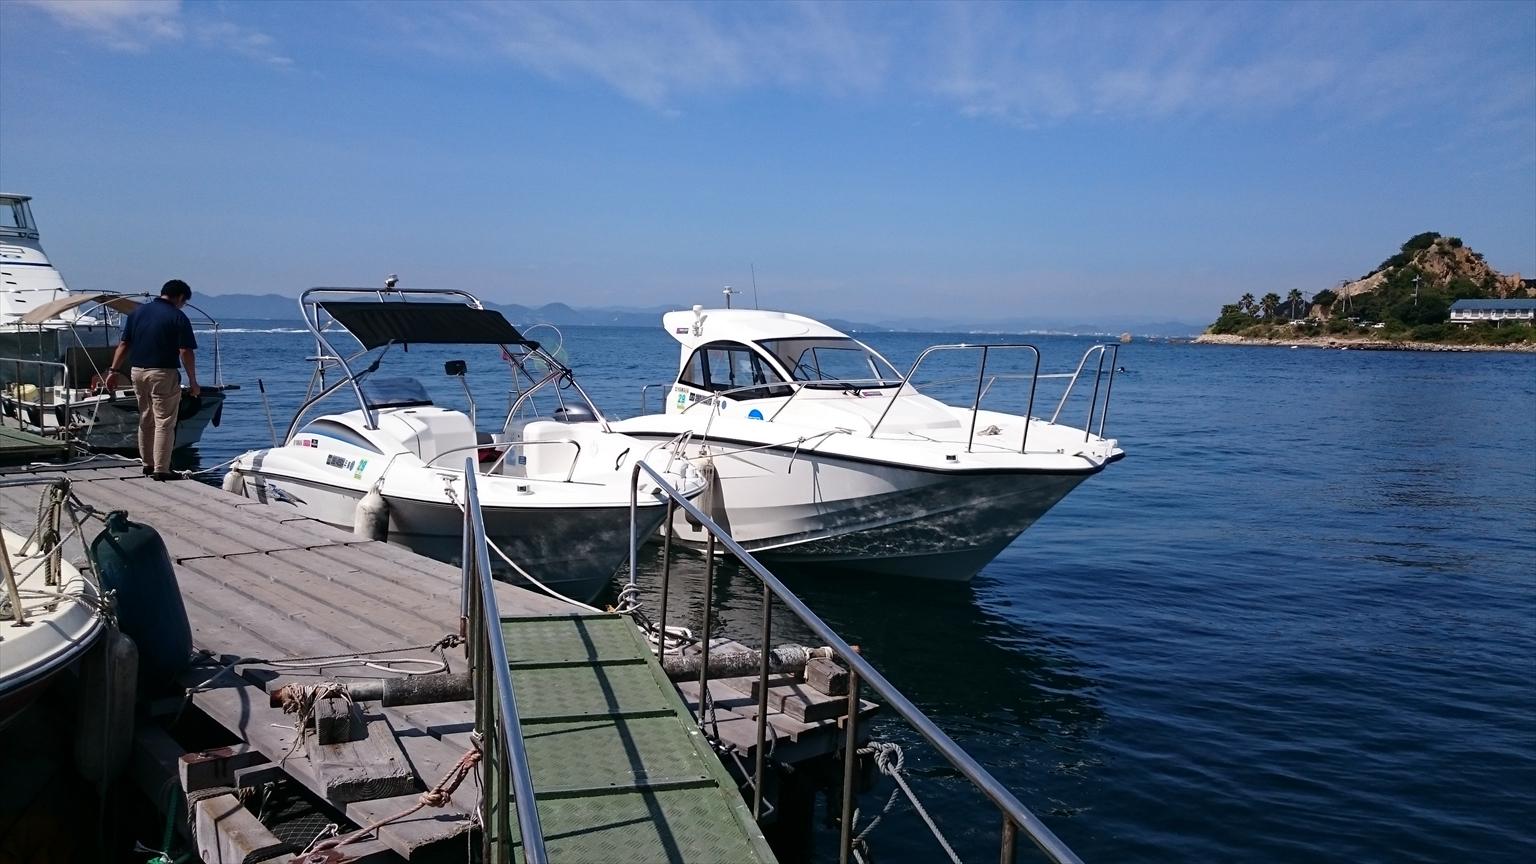 オークマリーナを後で出港したクルージングの別グループが、着岸できずに私たちの船の隣に横抱きです!(笑)